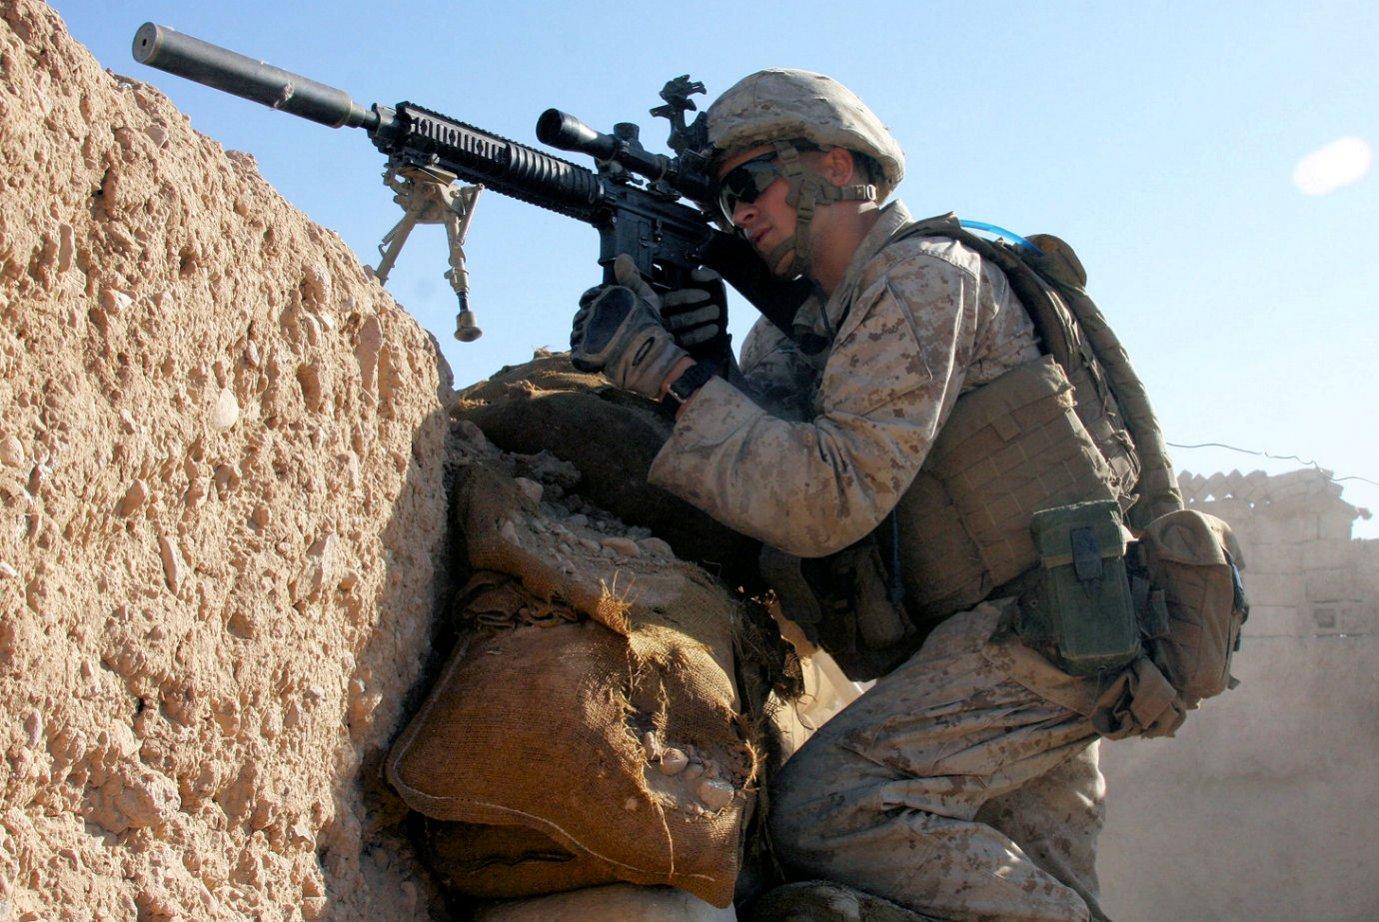 Click image for larger version.  Name:Lance Cpl Steven J Zandstra Nov 1 2010 Sangin Afghanistan.jpg Views:94 Size:274.2 KB ID:448554